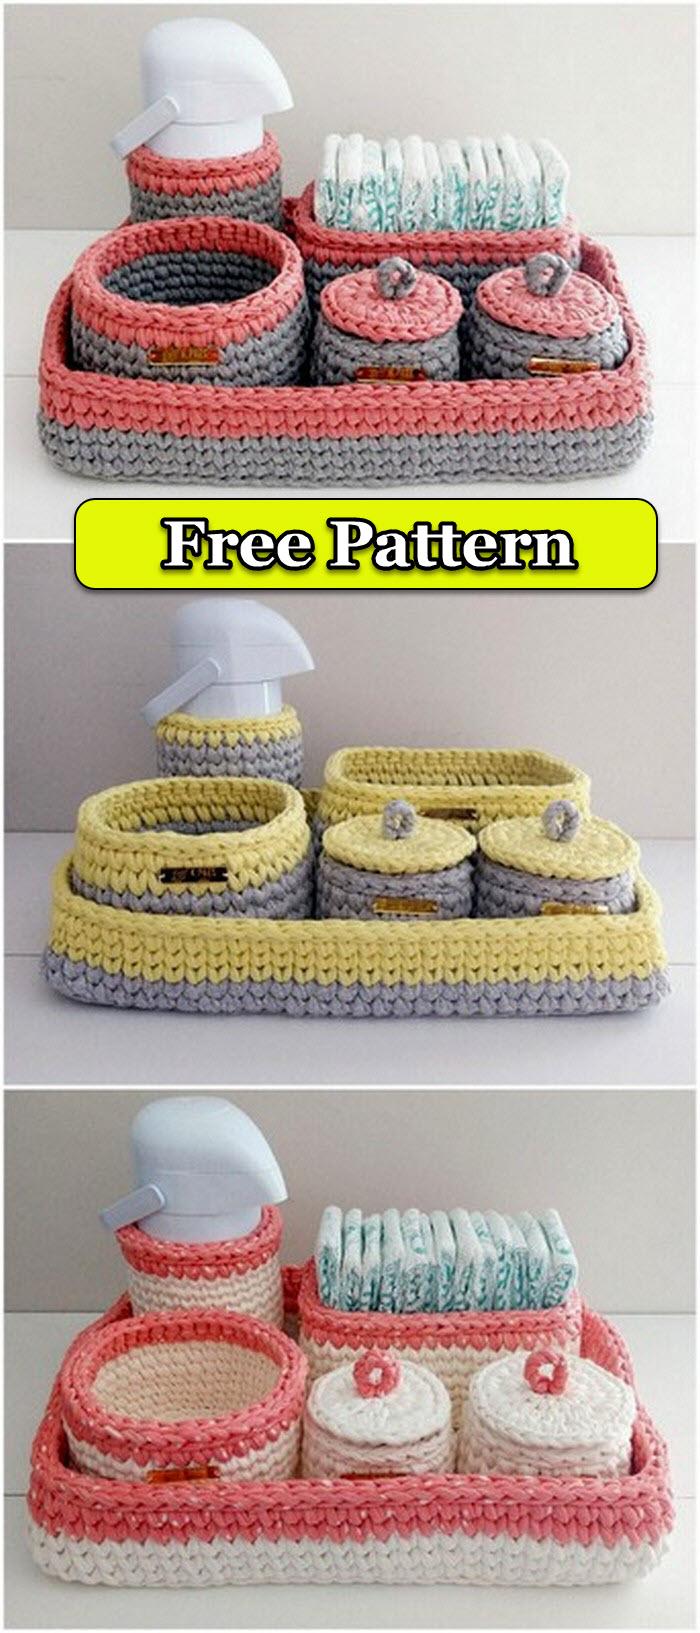 Wonderful Crochet Basket Pattern